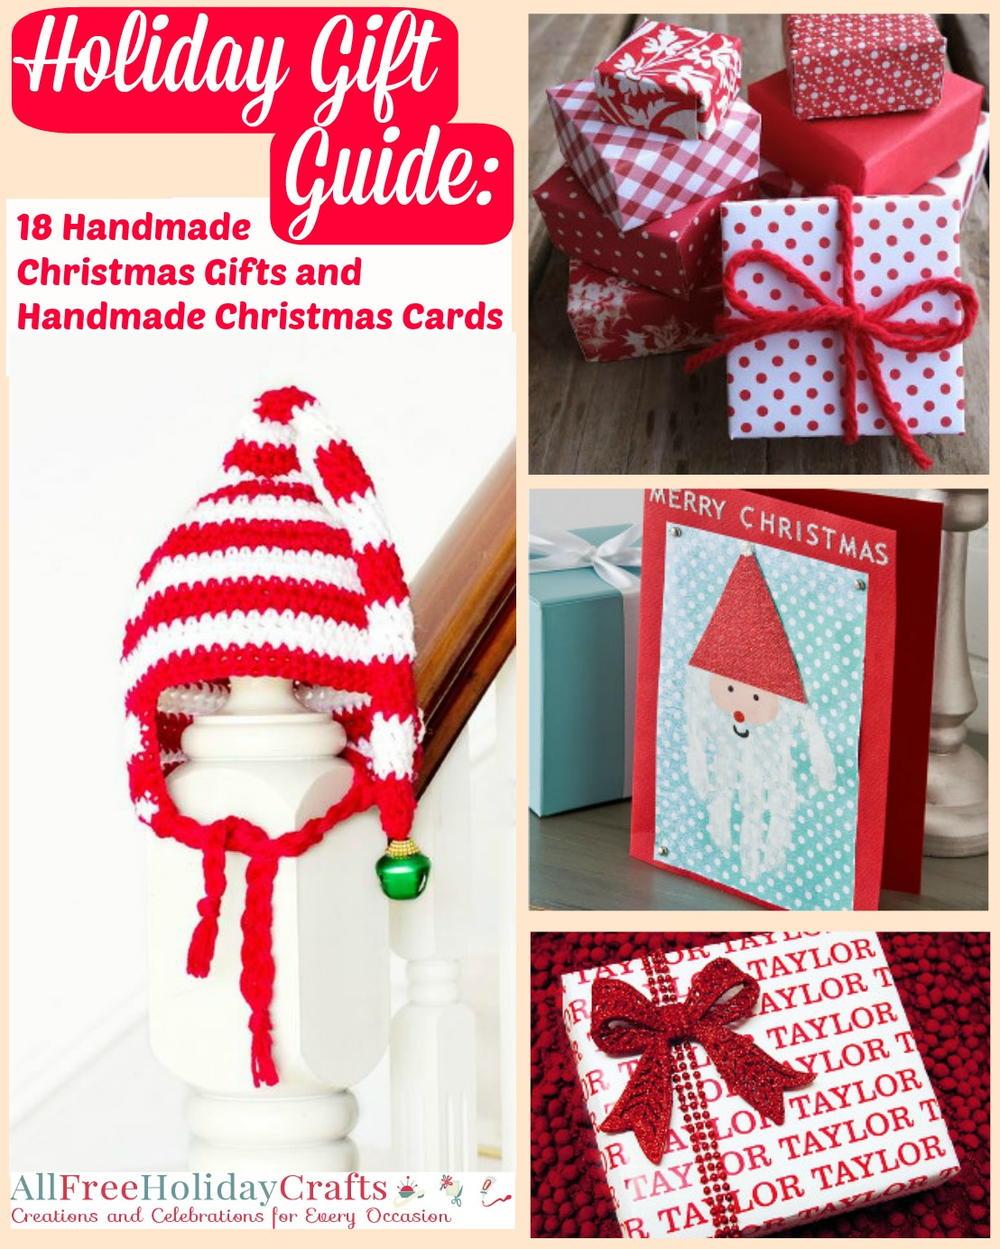 Holiday Gift Guide: 18 Handmade Christmas Gifts and Handmade ...